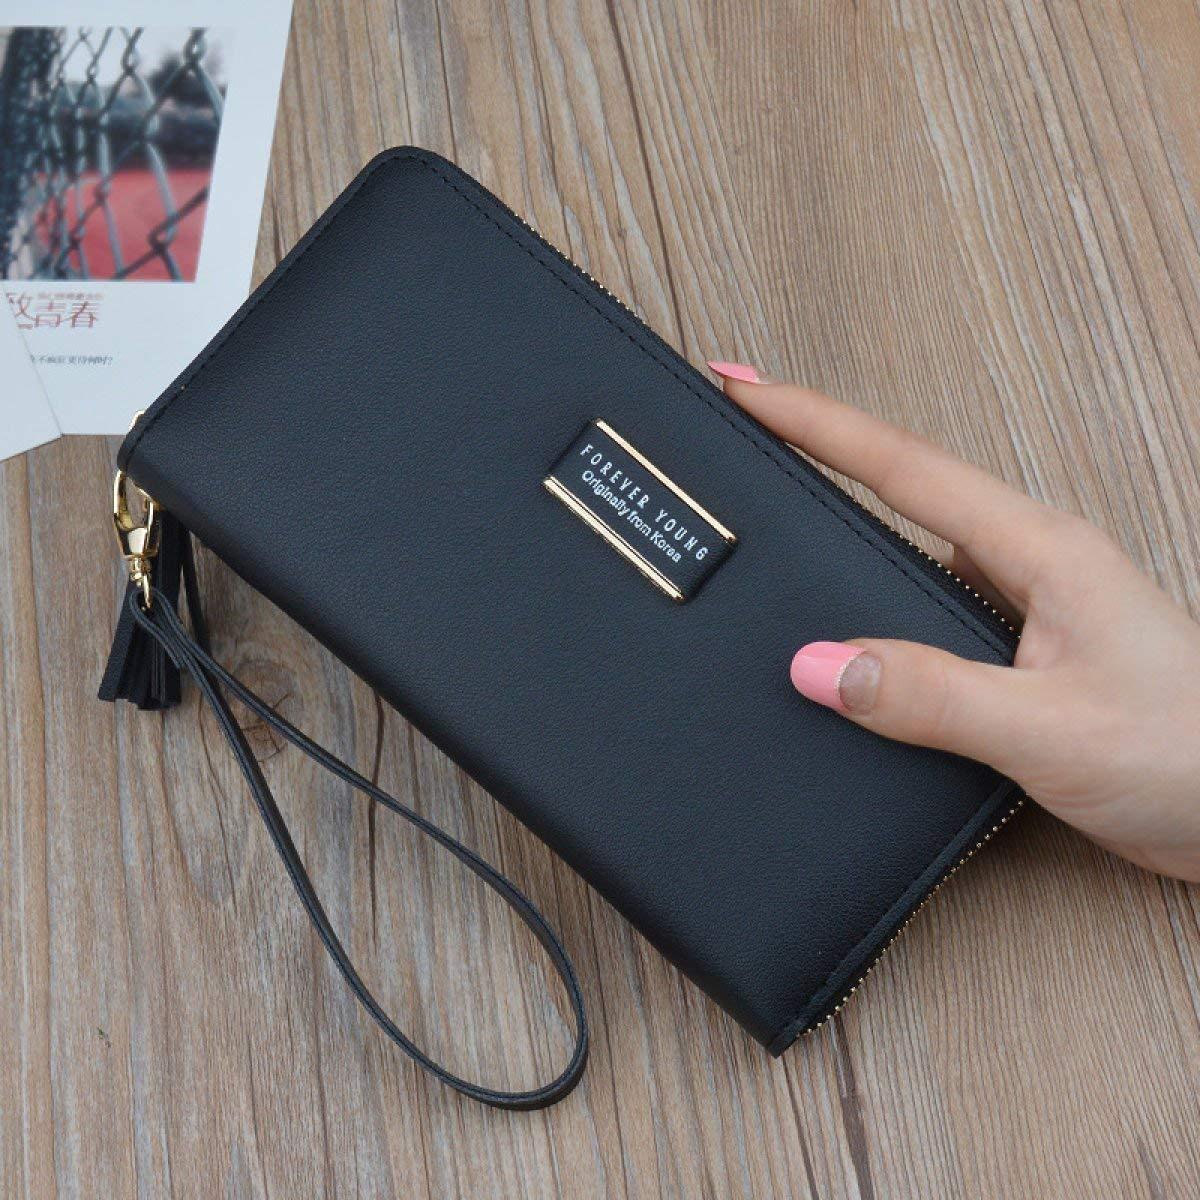 Prom Geldbörse, New Wallet Wallet Multifunktions-Wallet Clutch Bag Zipper Einfache Kartensteckplatz Lange Frauen Geldbörse (Farbe   E) B07PR9KM4G Geldbrsen